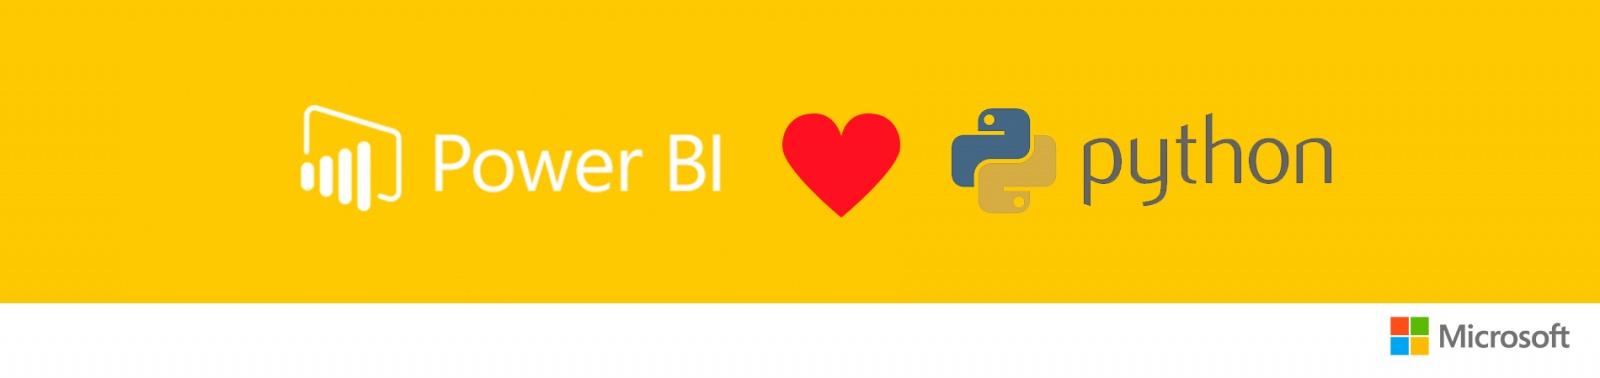 Поддержка Python в Power BI - 1